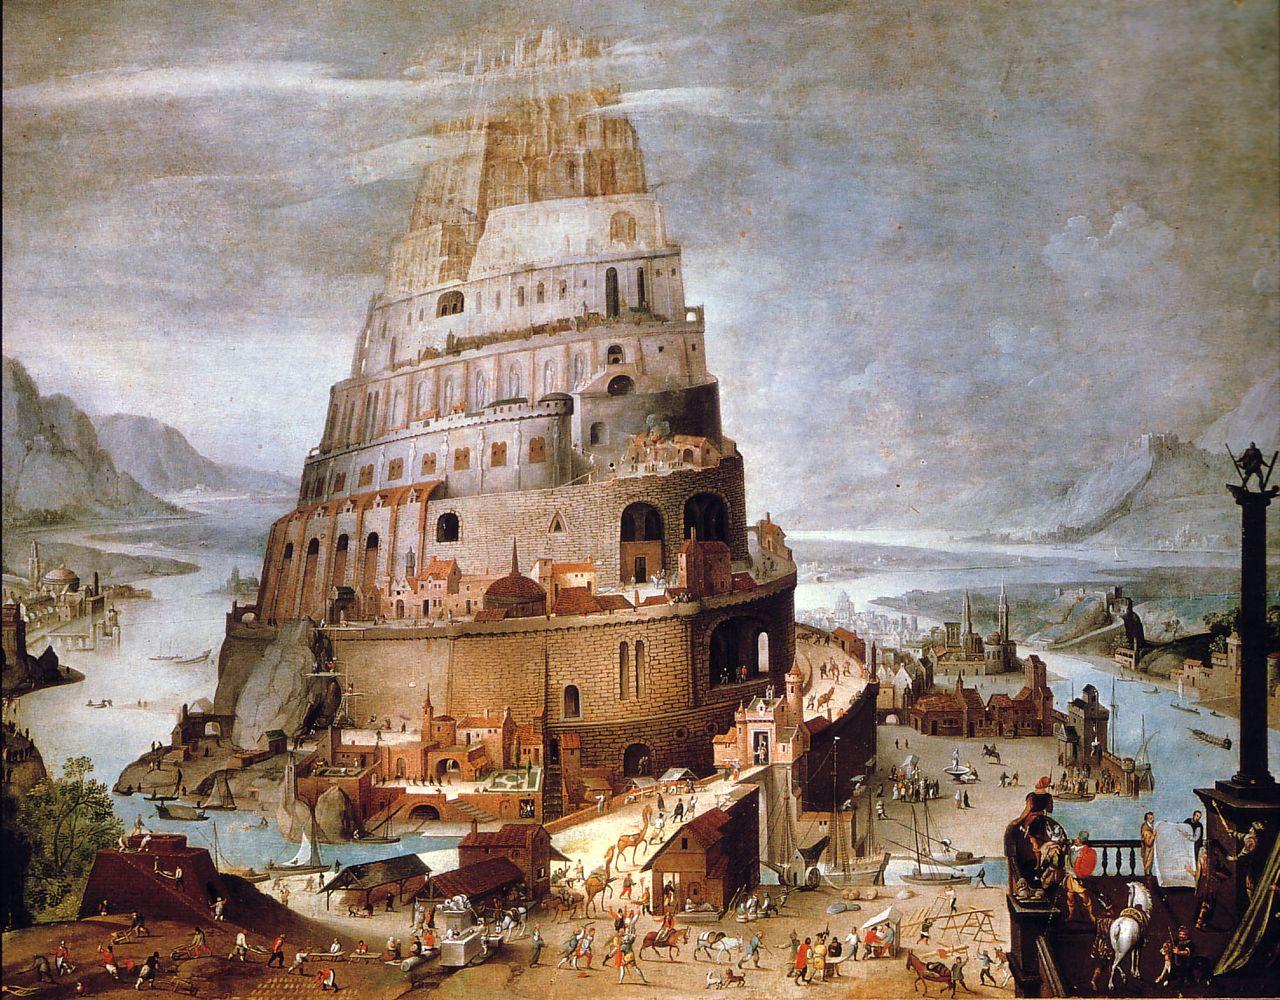 Hendrik III van Cleve - Tower of Babel (Kröller Müller Museum) | Toren van babel, Torens, Toren